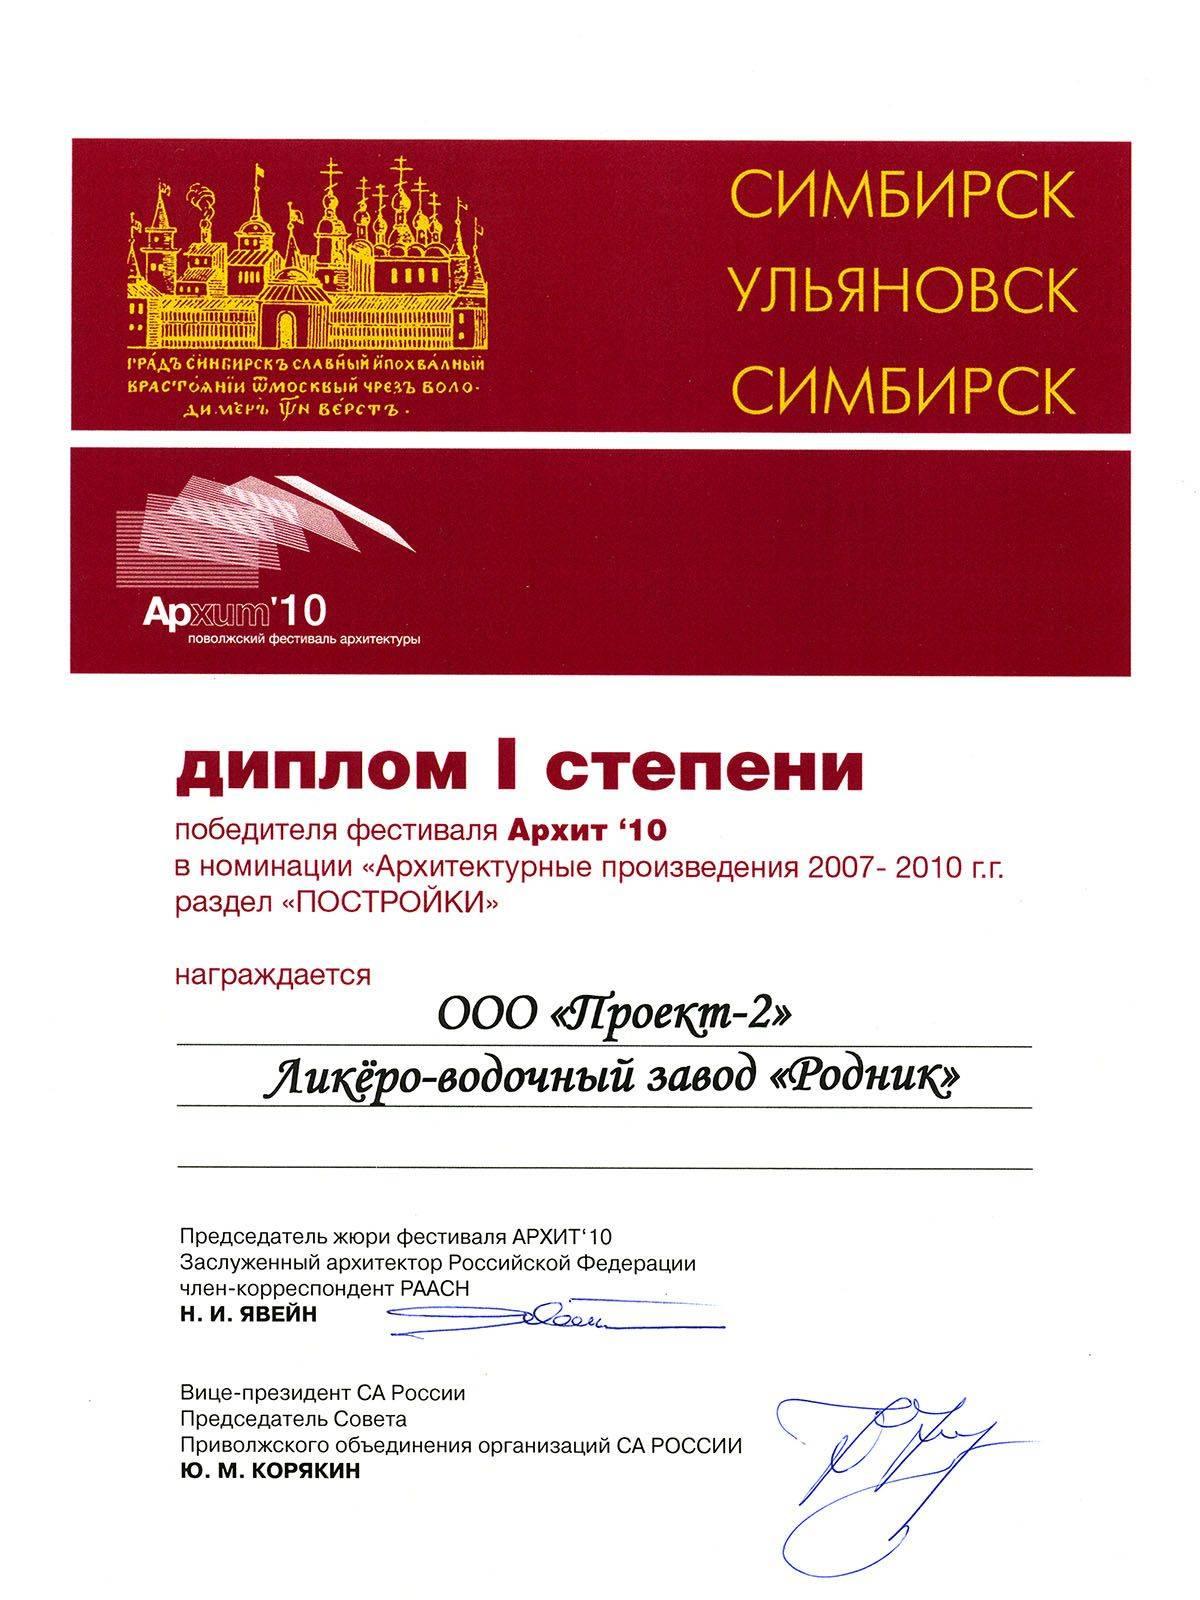 Поволжский фестиваль архитектуры «Архит'10»